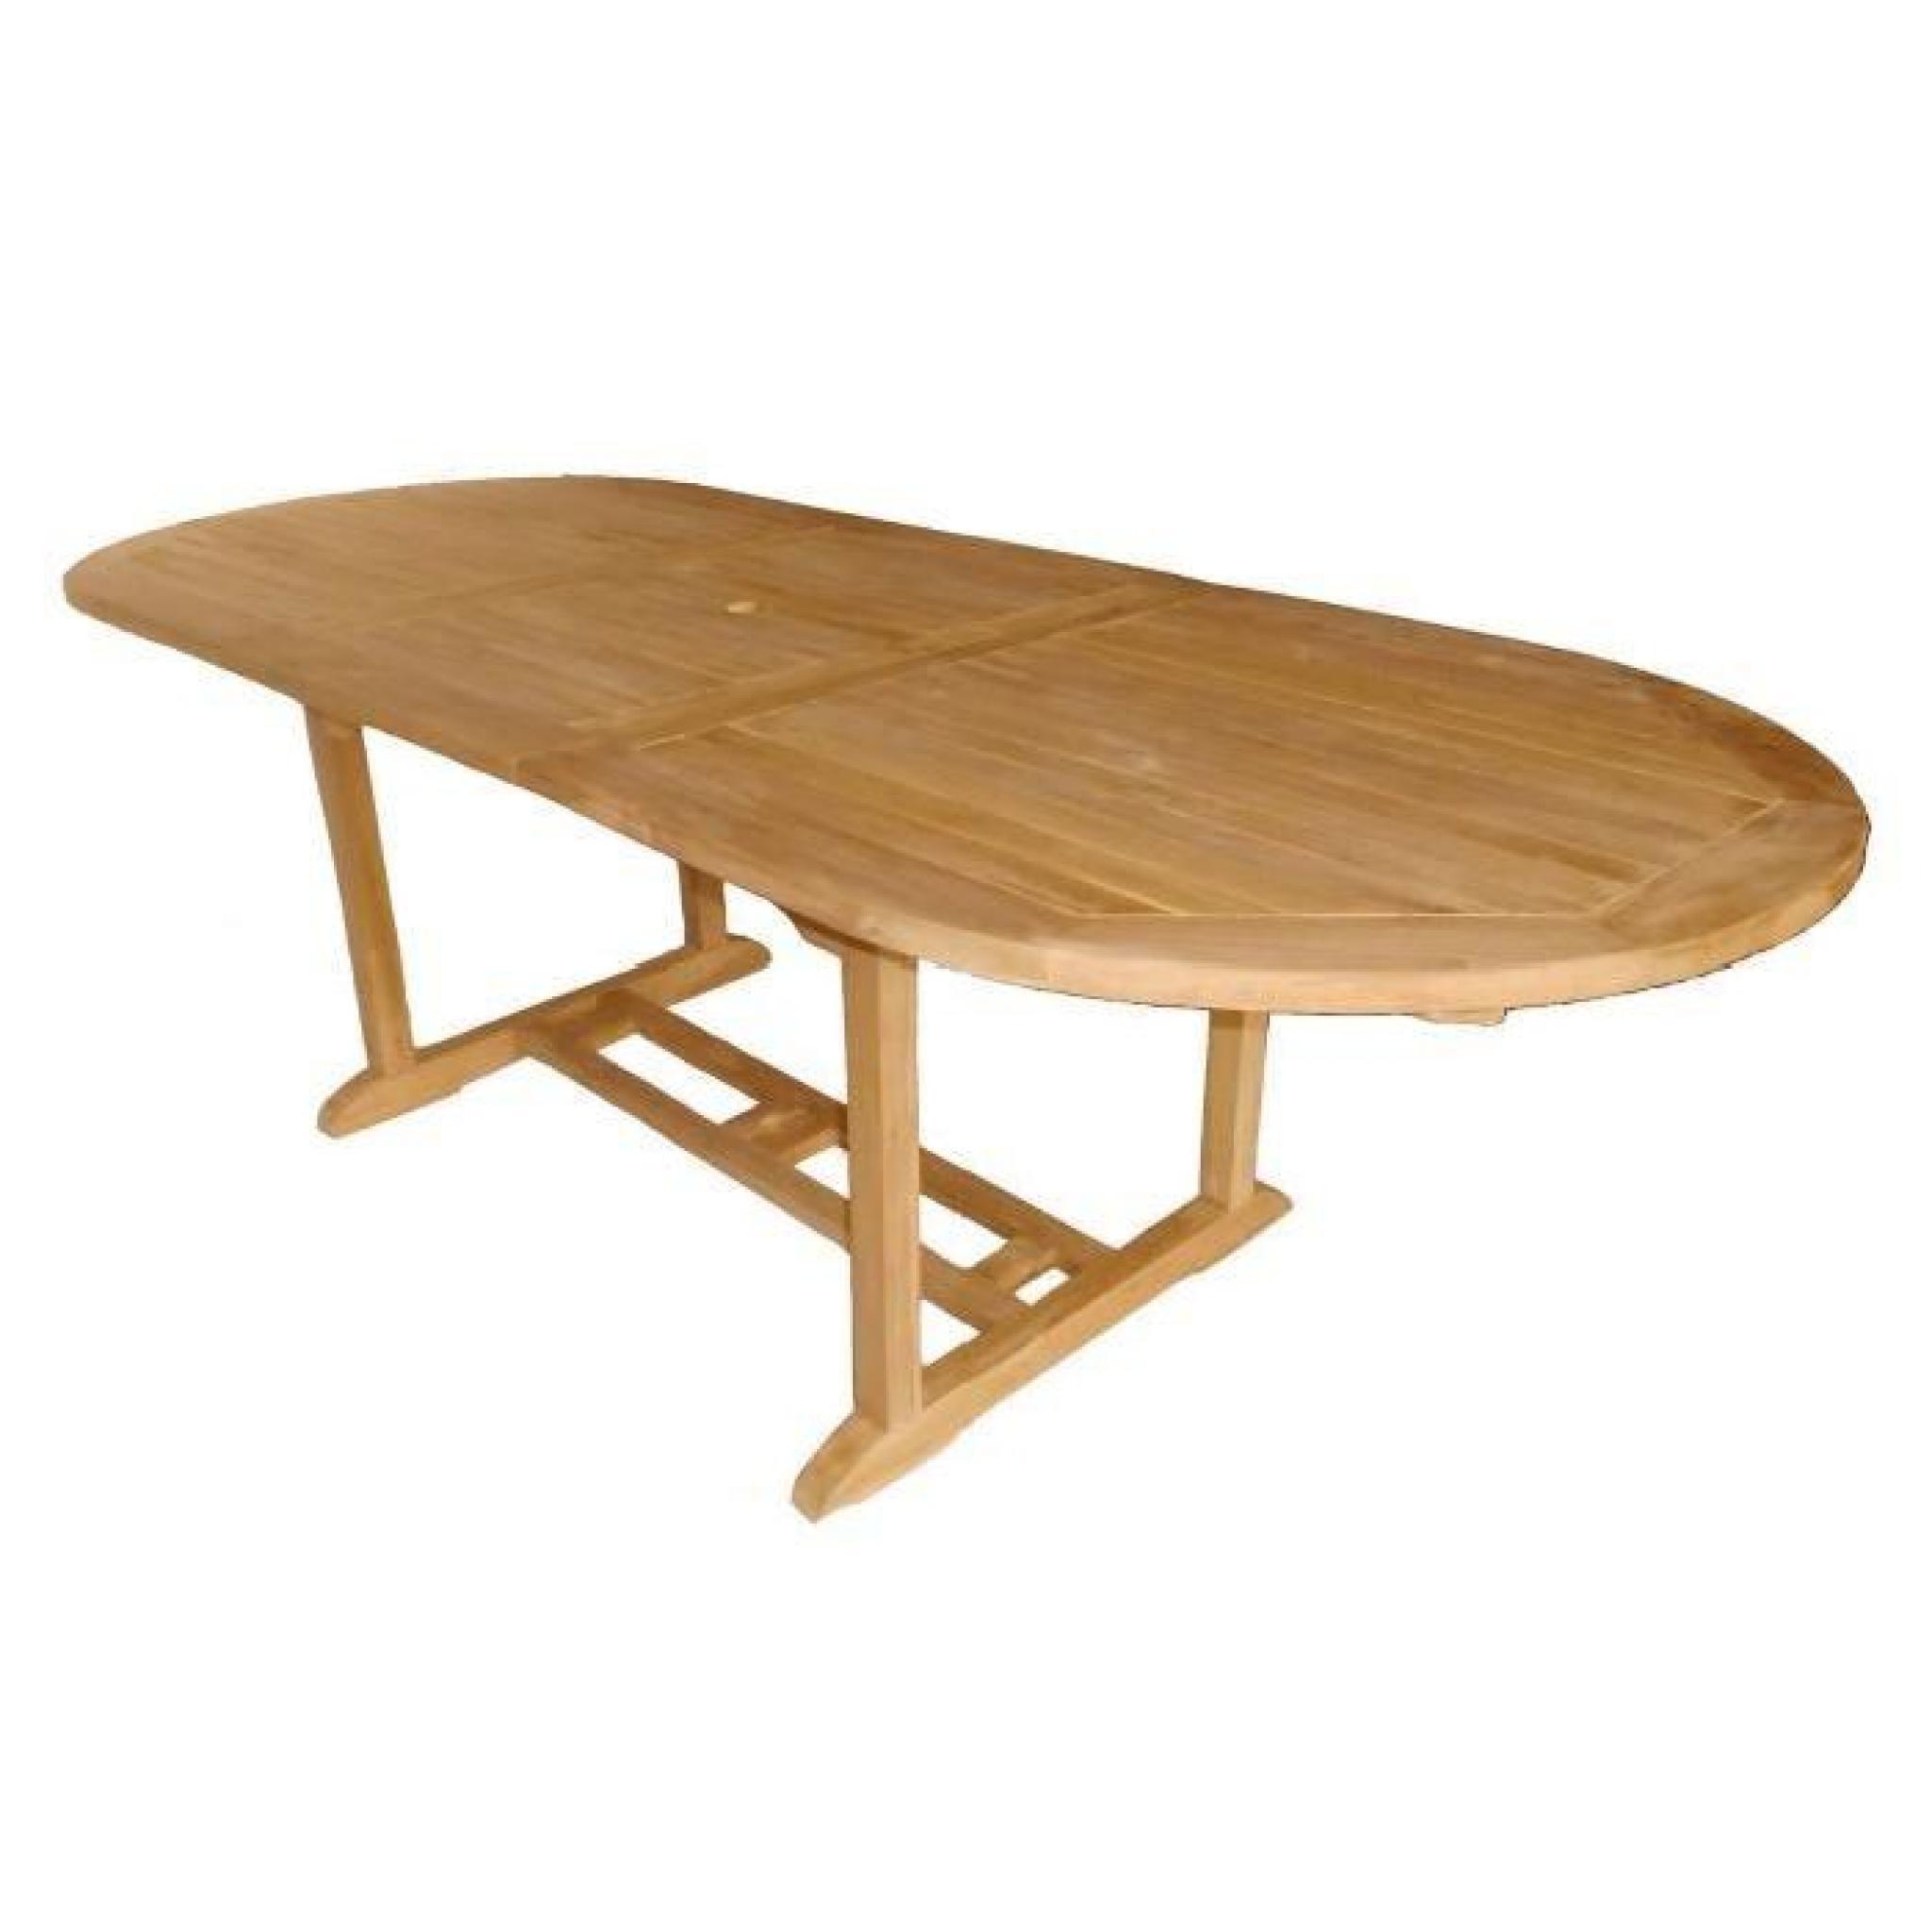 Table Ovale Extensible - Bois Teck Robuste - Pour Patio Et Jardin encequiconcerne Table De Jardin Extensible Pas Cher